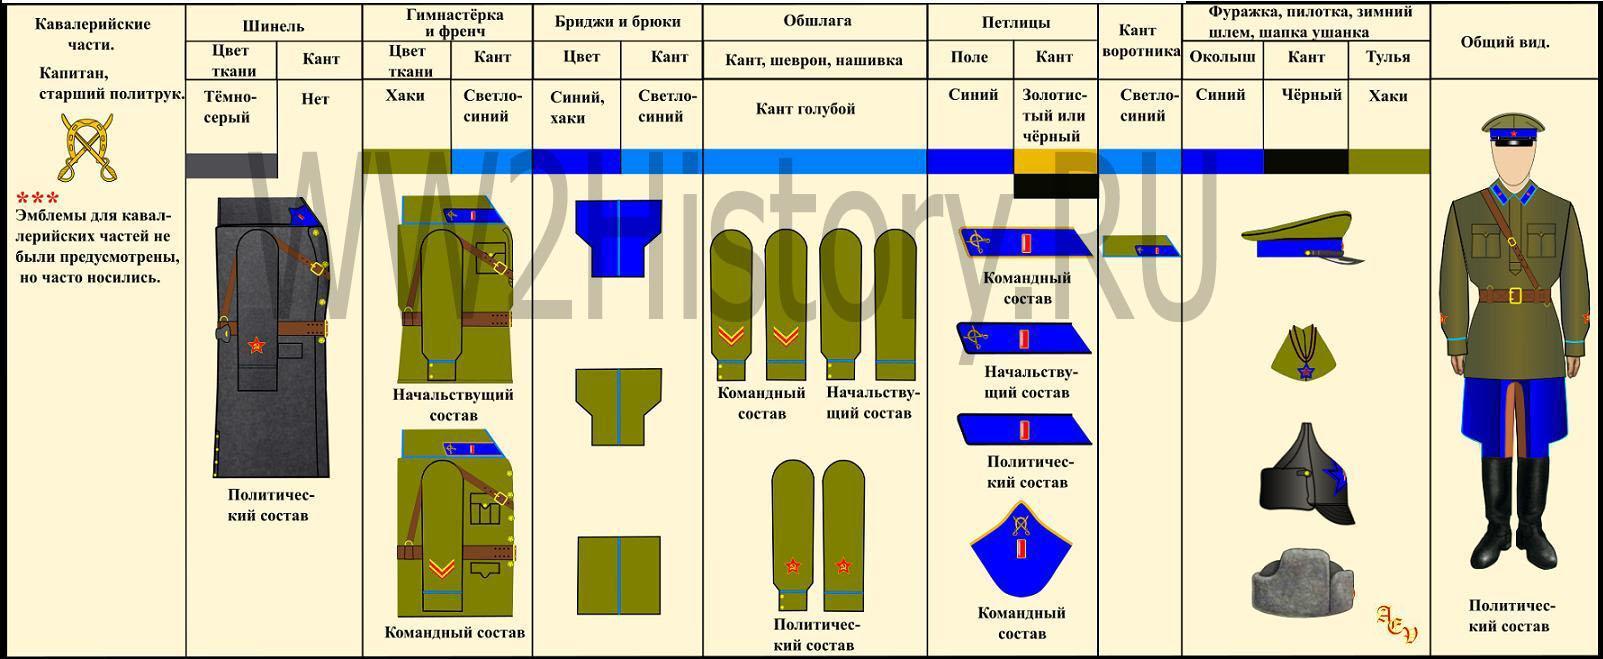 Таблица формы одежды командного, начальствующего и политического состава РККА на 22.6.1941 года Aafd2395